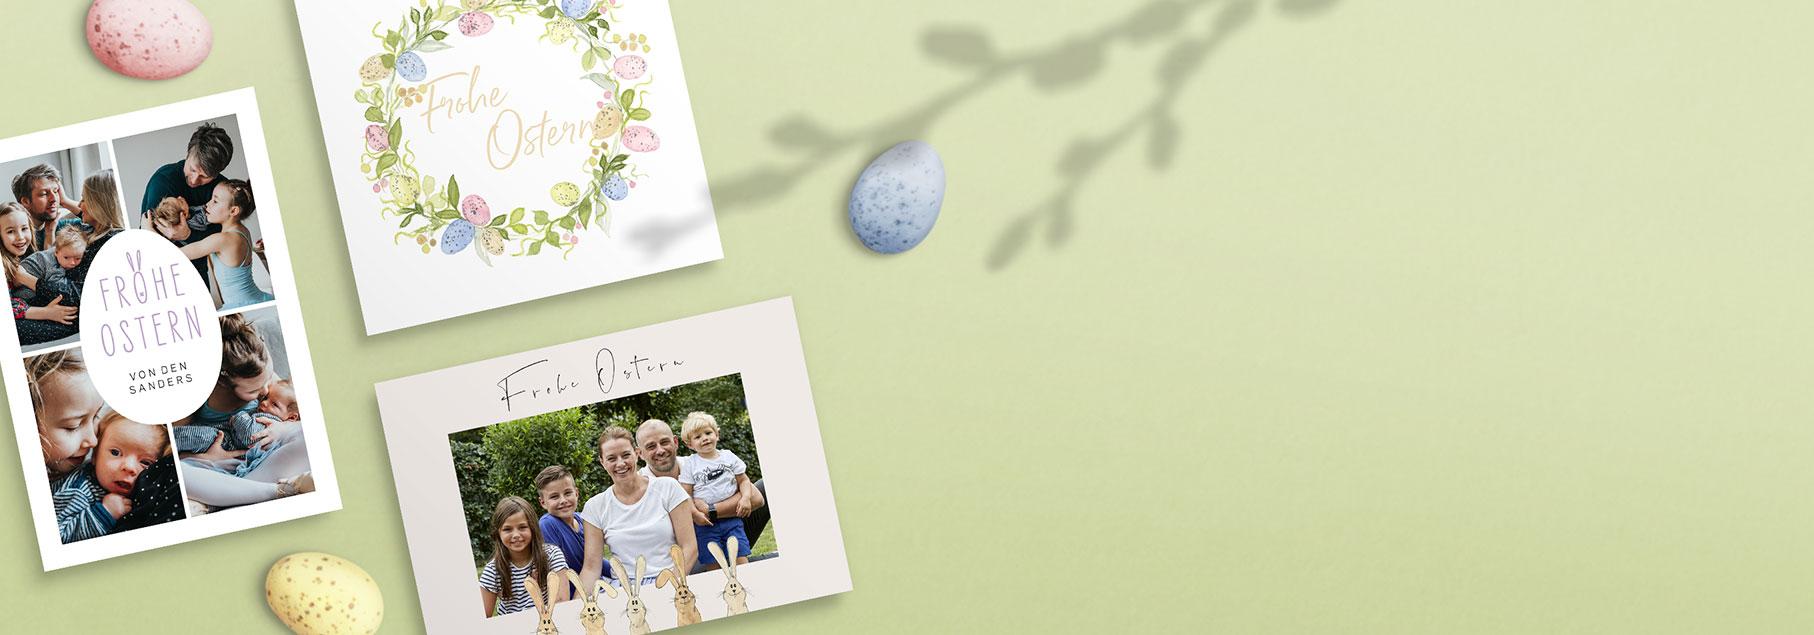 Grußkarten Ostern